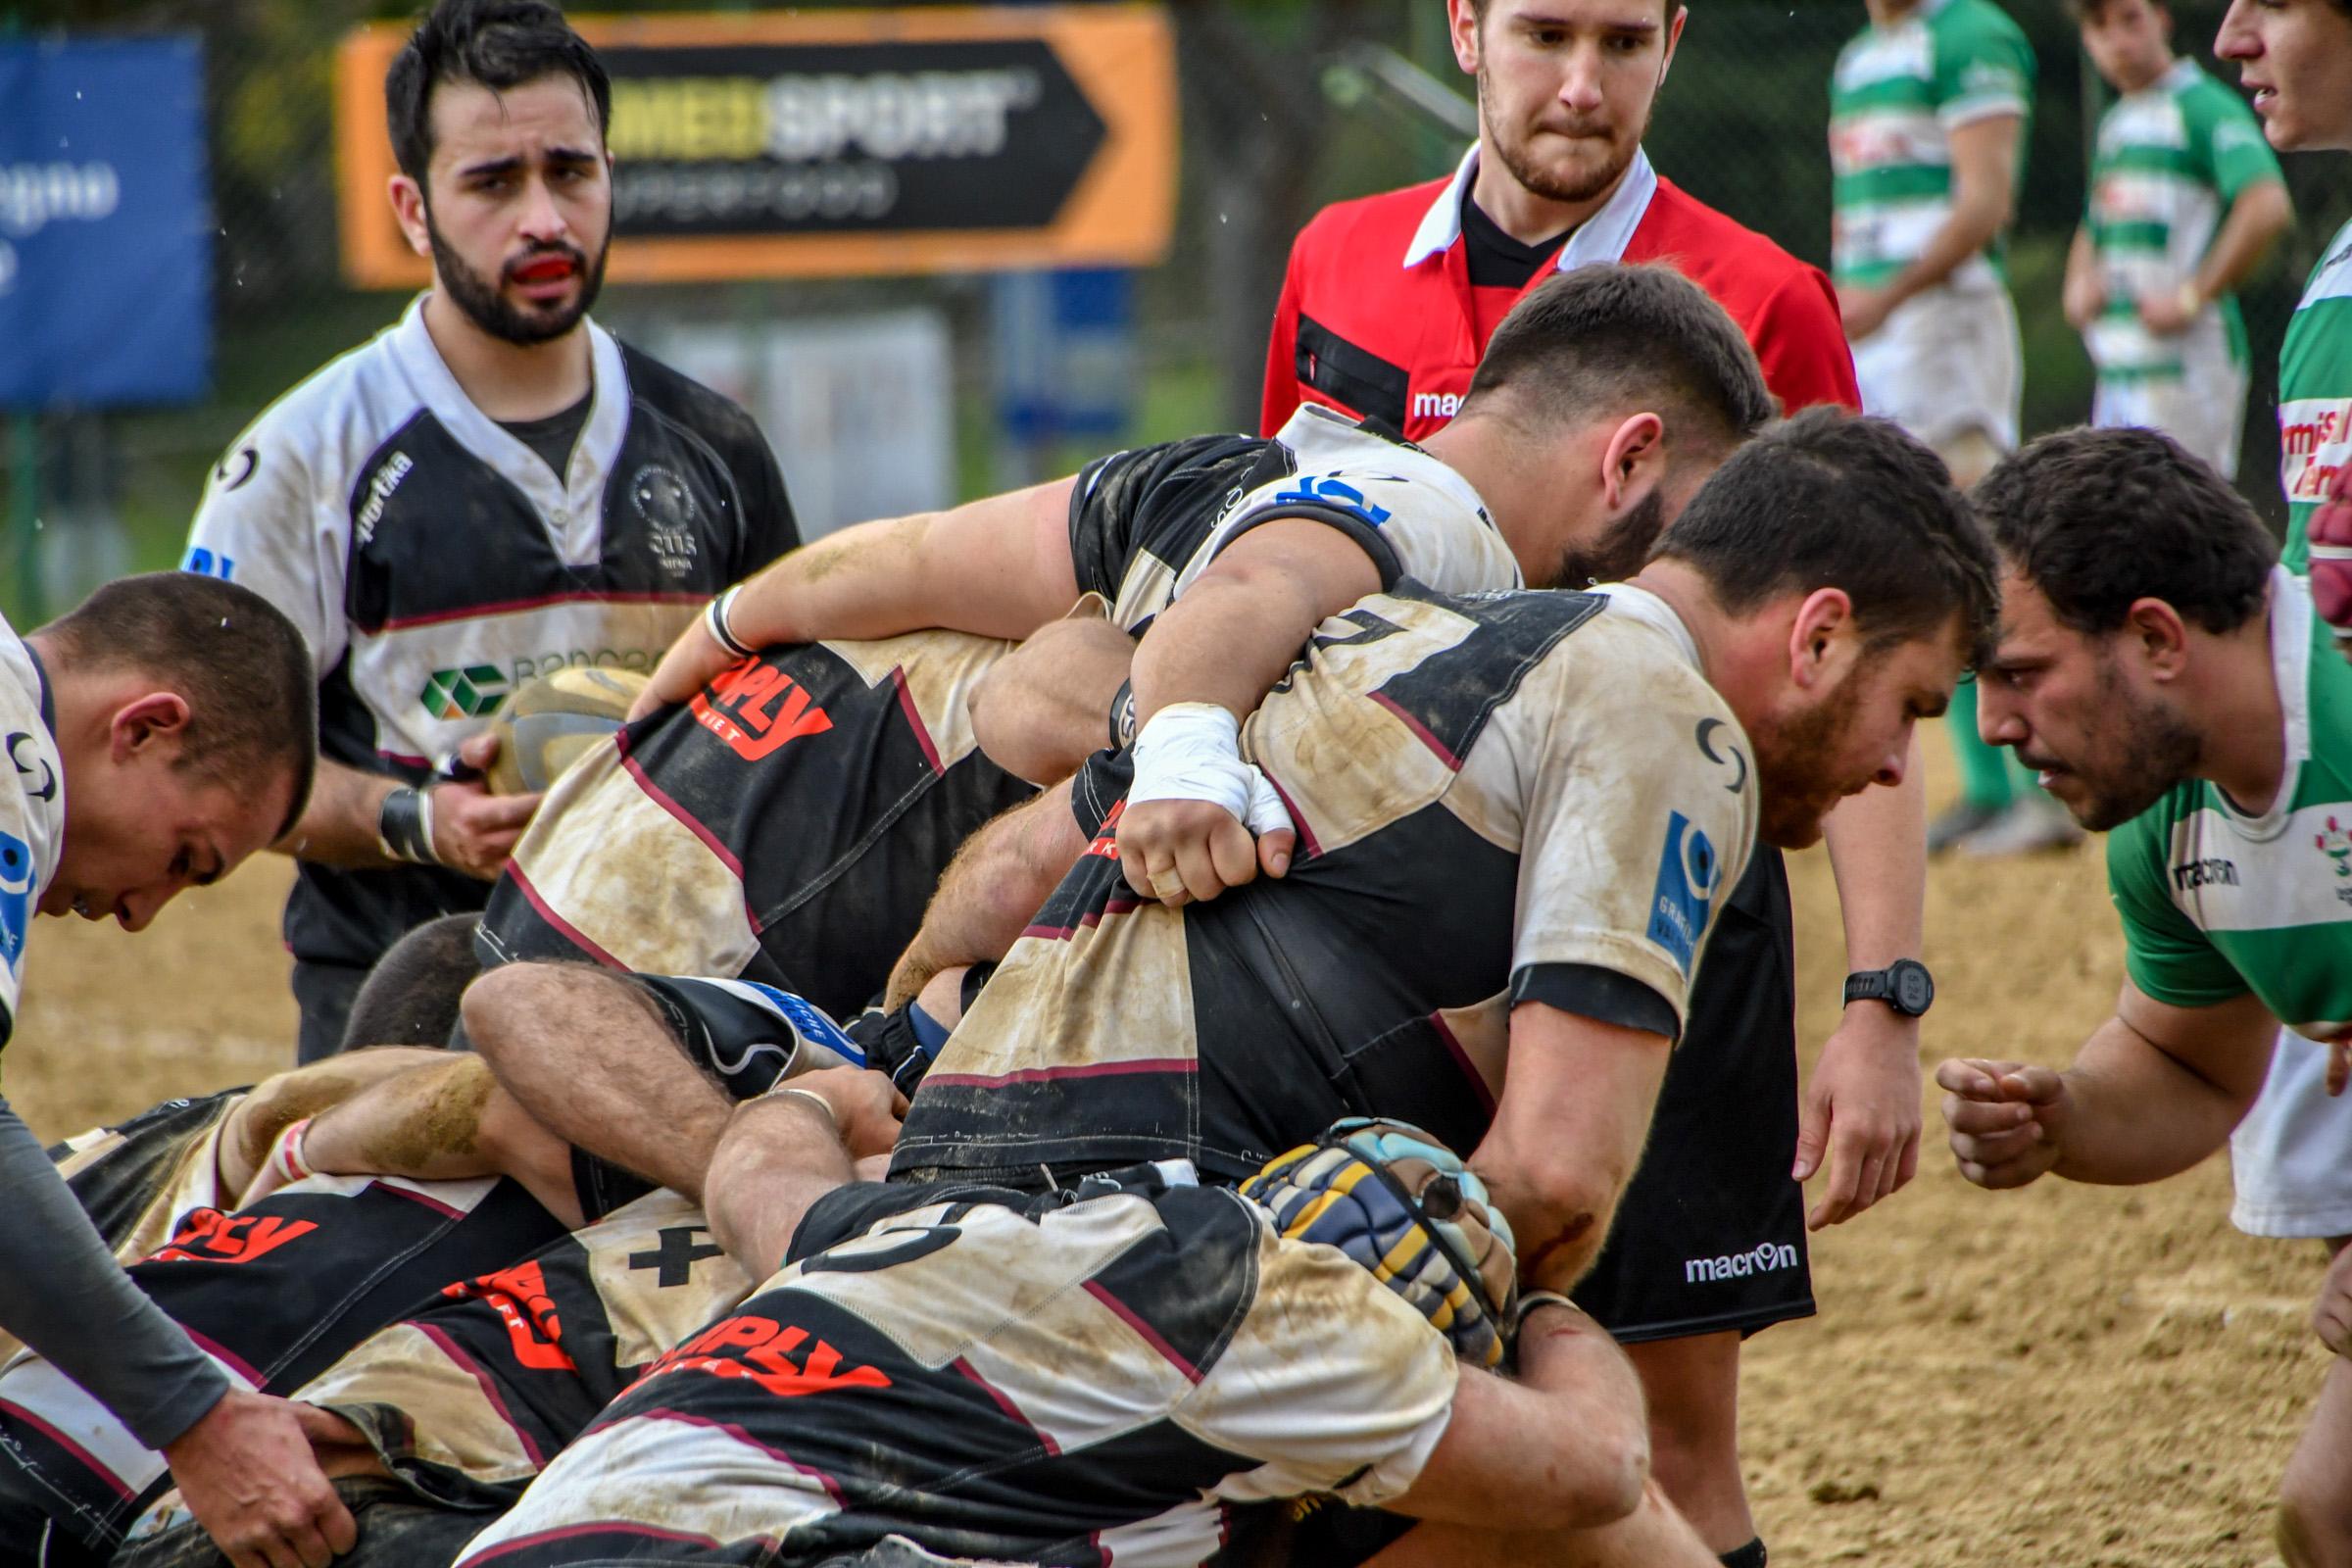 Il Banca CRAS CUS Siena deve arrendersi al Sabbione contro il forte Rugby Livorno.